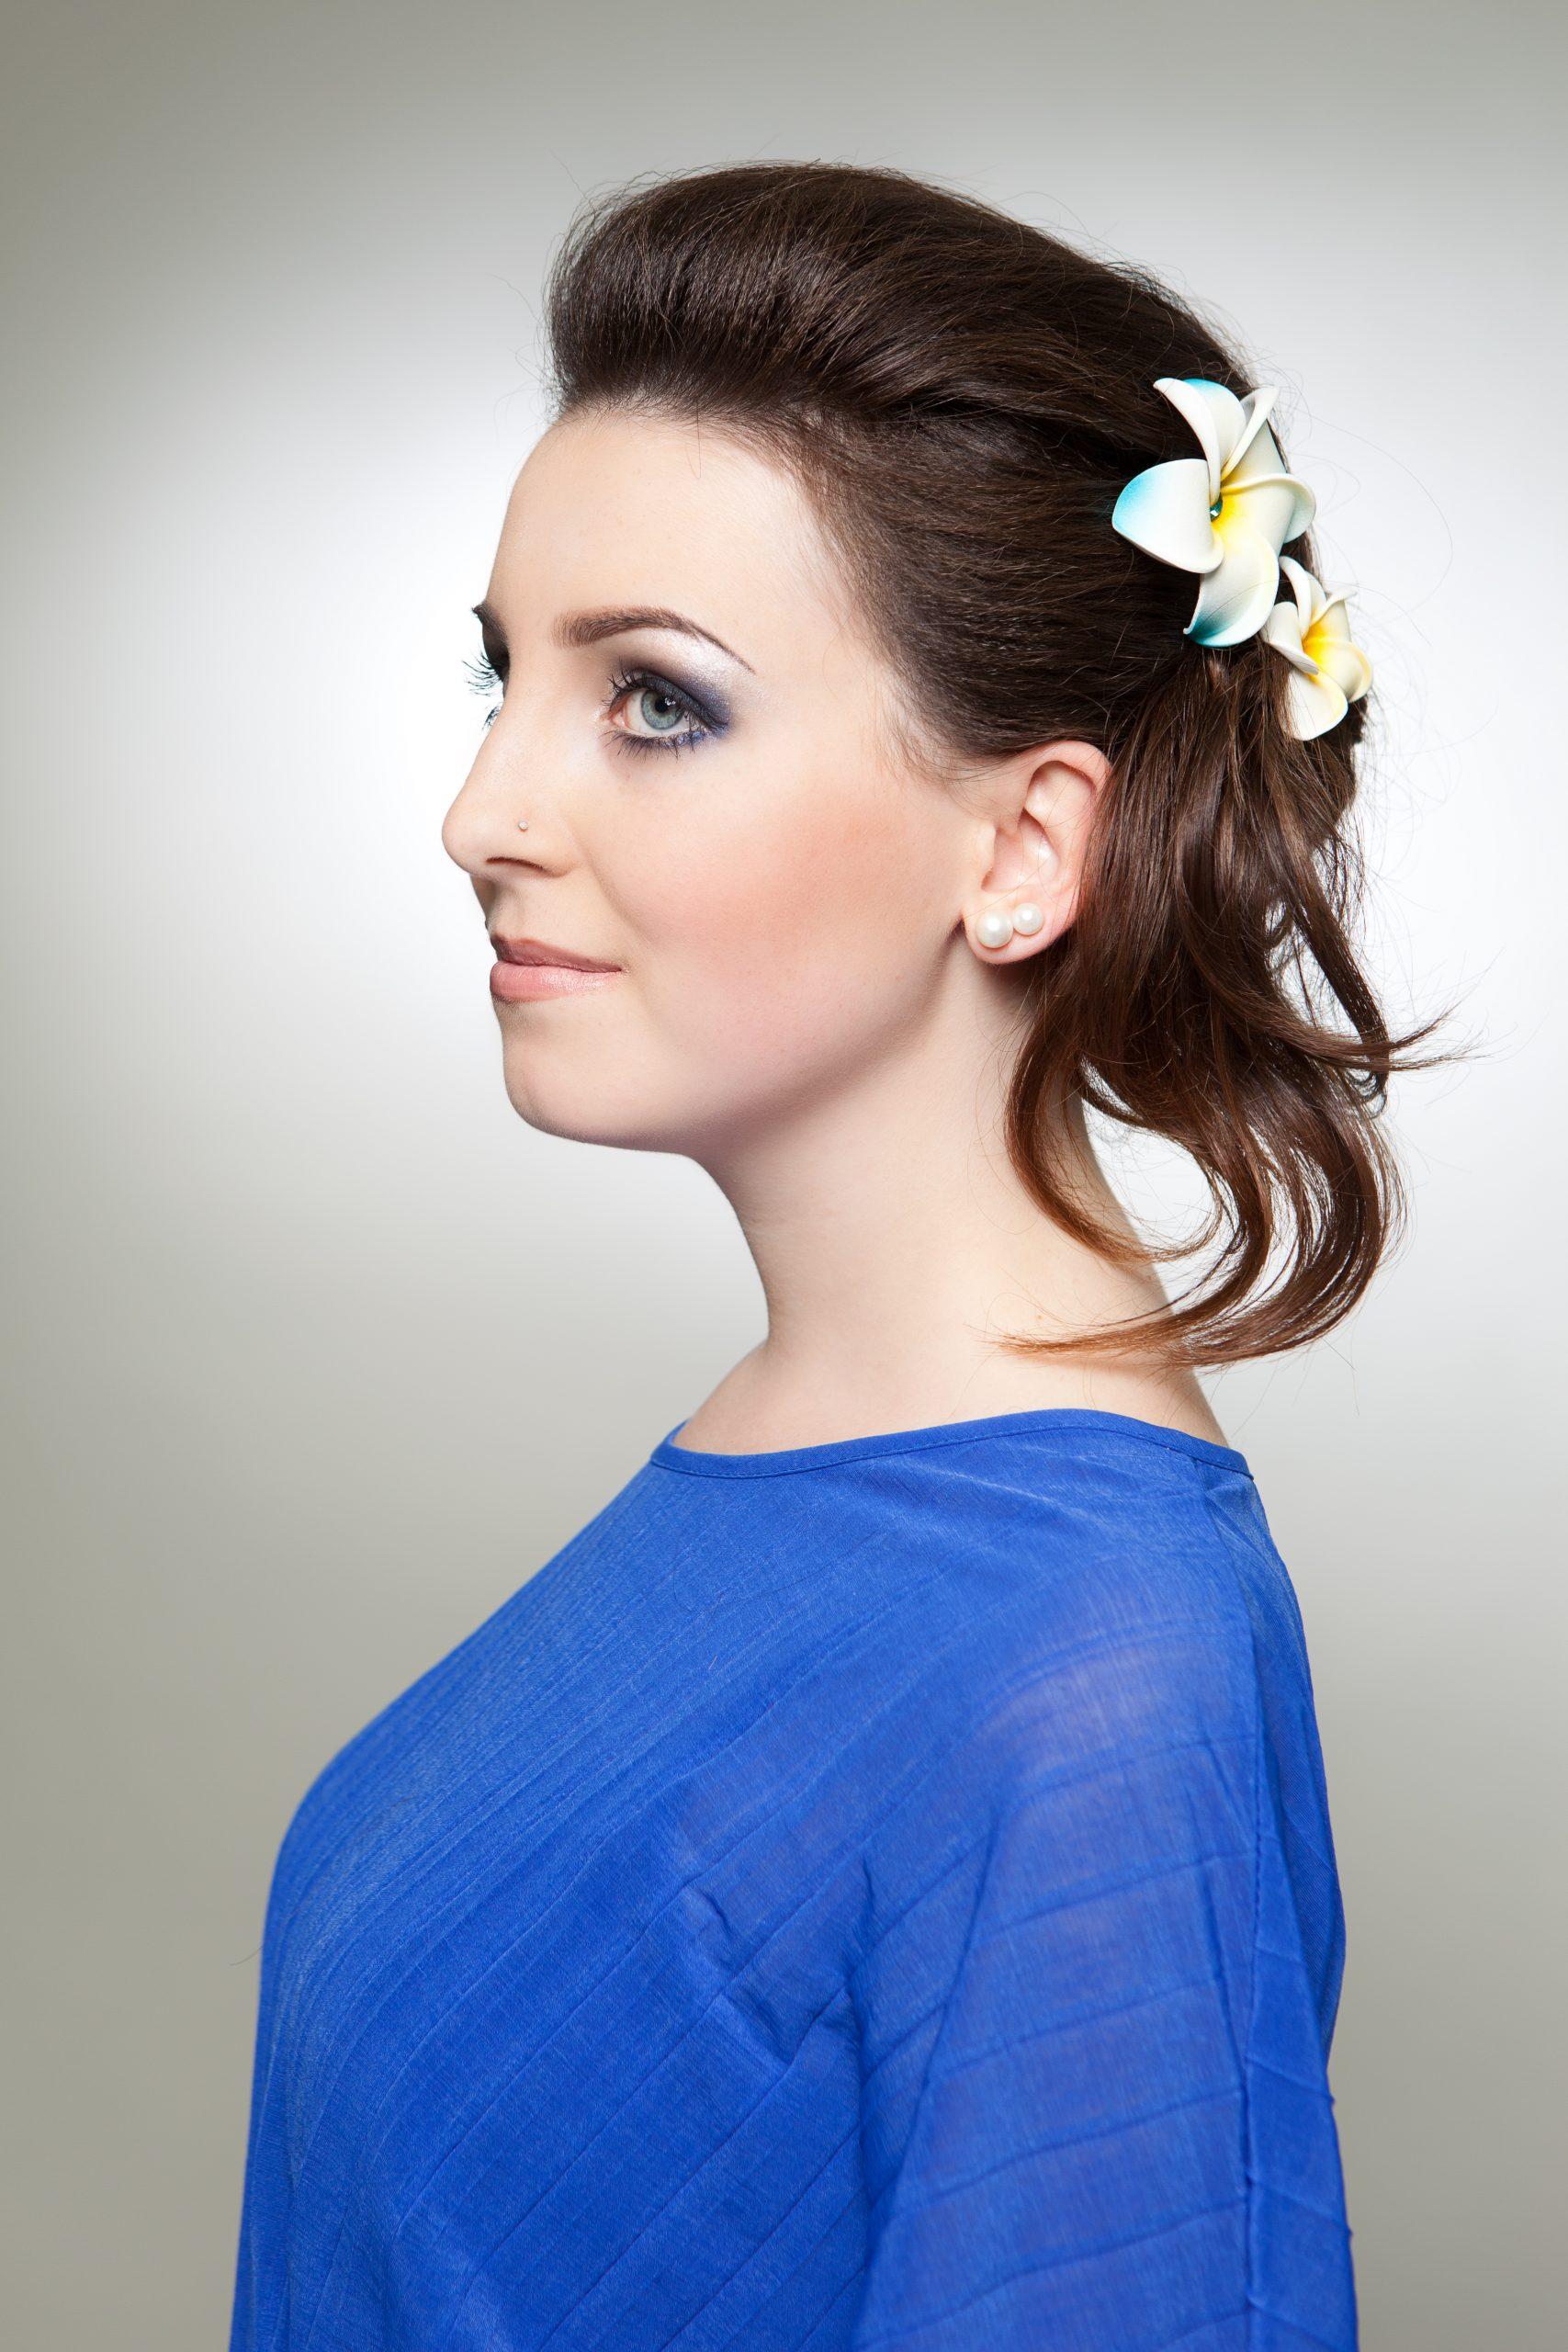 Ob mit farblich abgehobenen Bobby Pins (gewöhnlichen Schiebespangen), verschiedensten Haartüchern, Blumenkränzen oder auch Haarbändern lässt ... - MG_8174